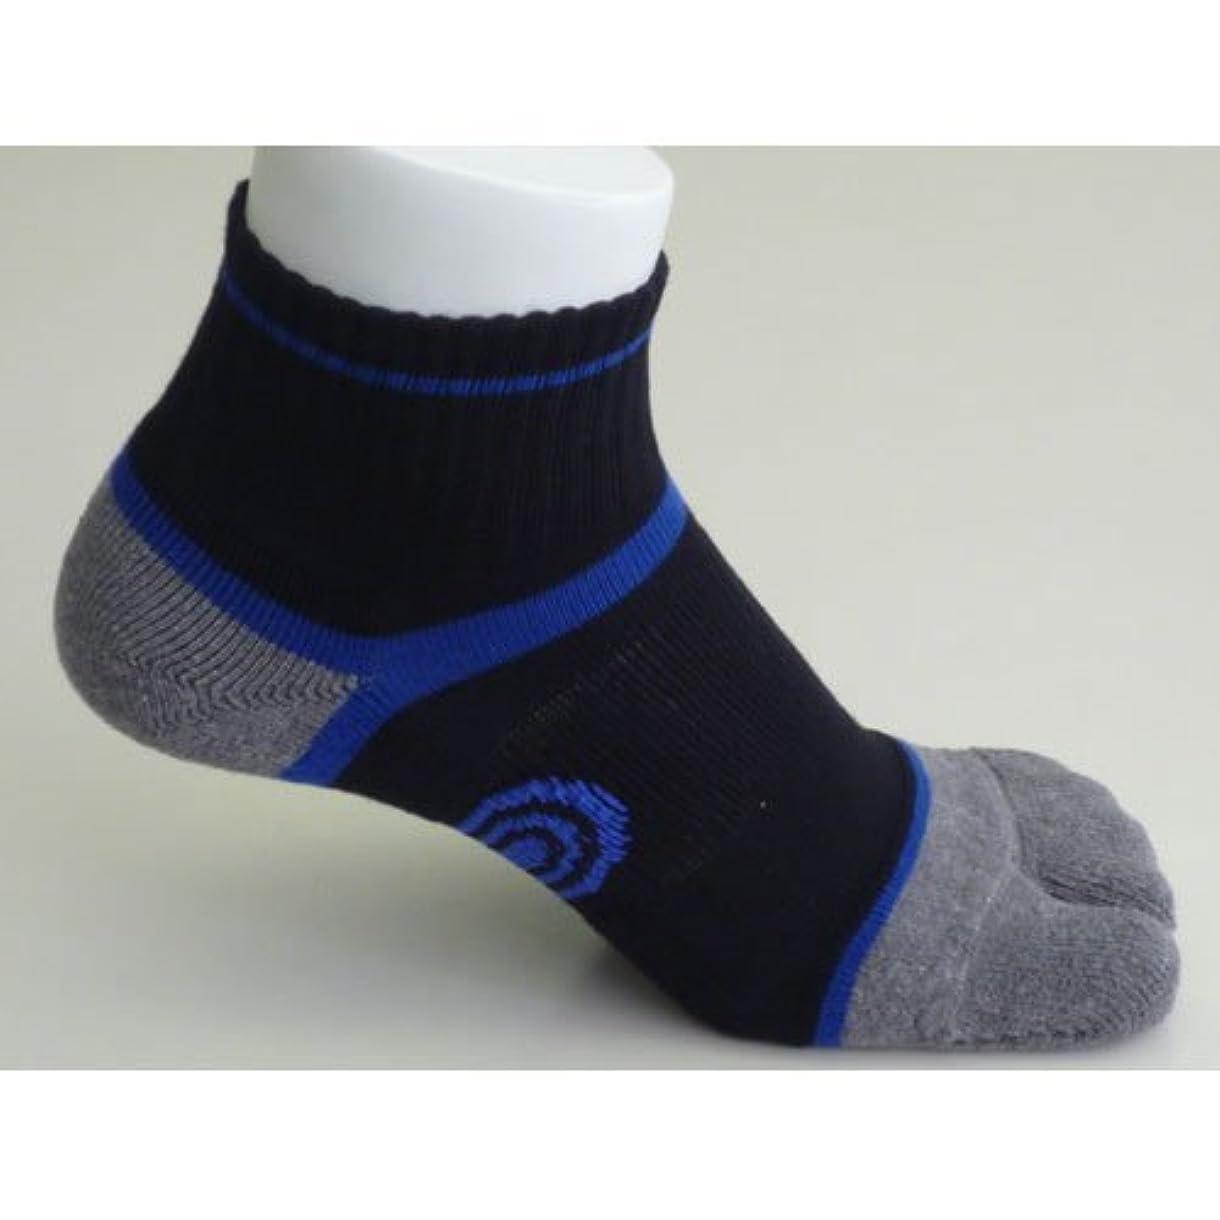 カップ目に見える納得させる草鞋ソックス M(25-27cm)ブルー 【わらじソックス】【炭の靴下】【足袋型】